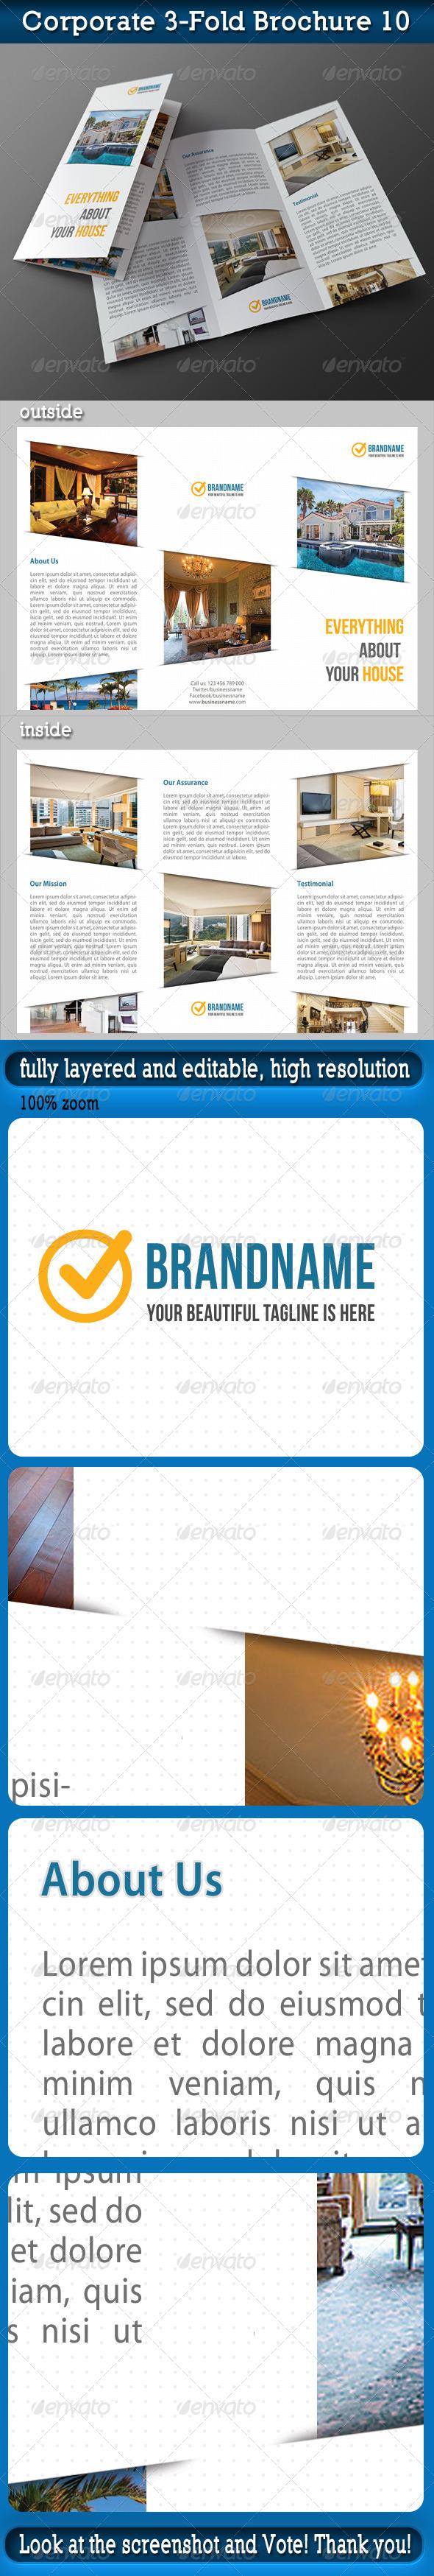 Corporate 3-Fold Brochure 10 - Corporate Brochures